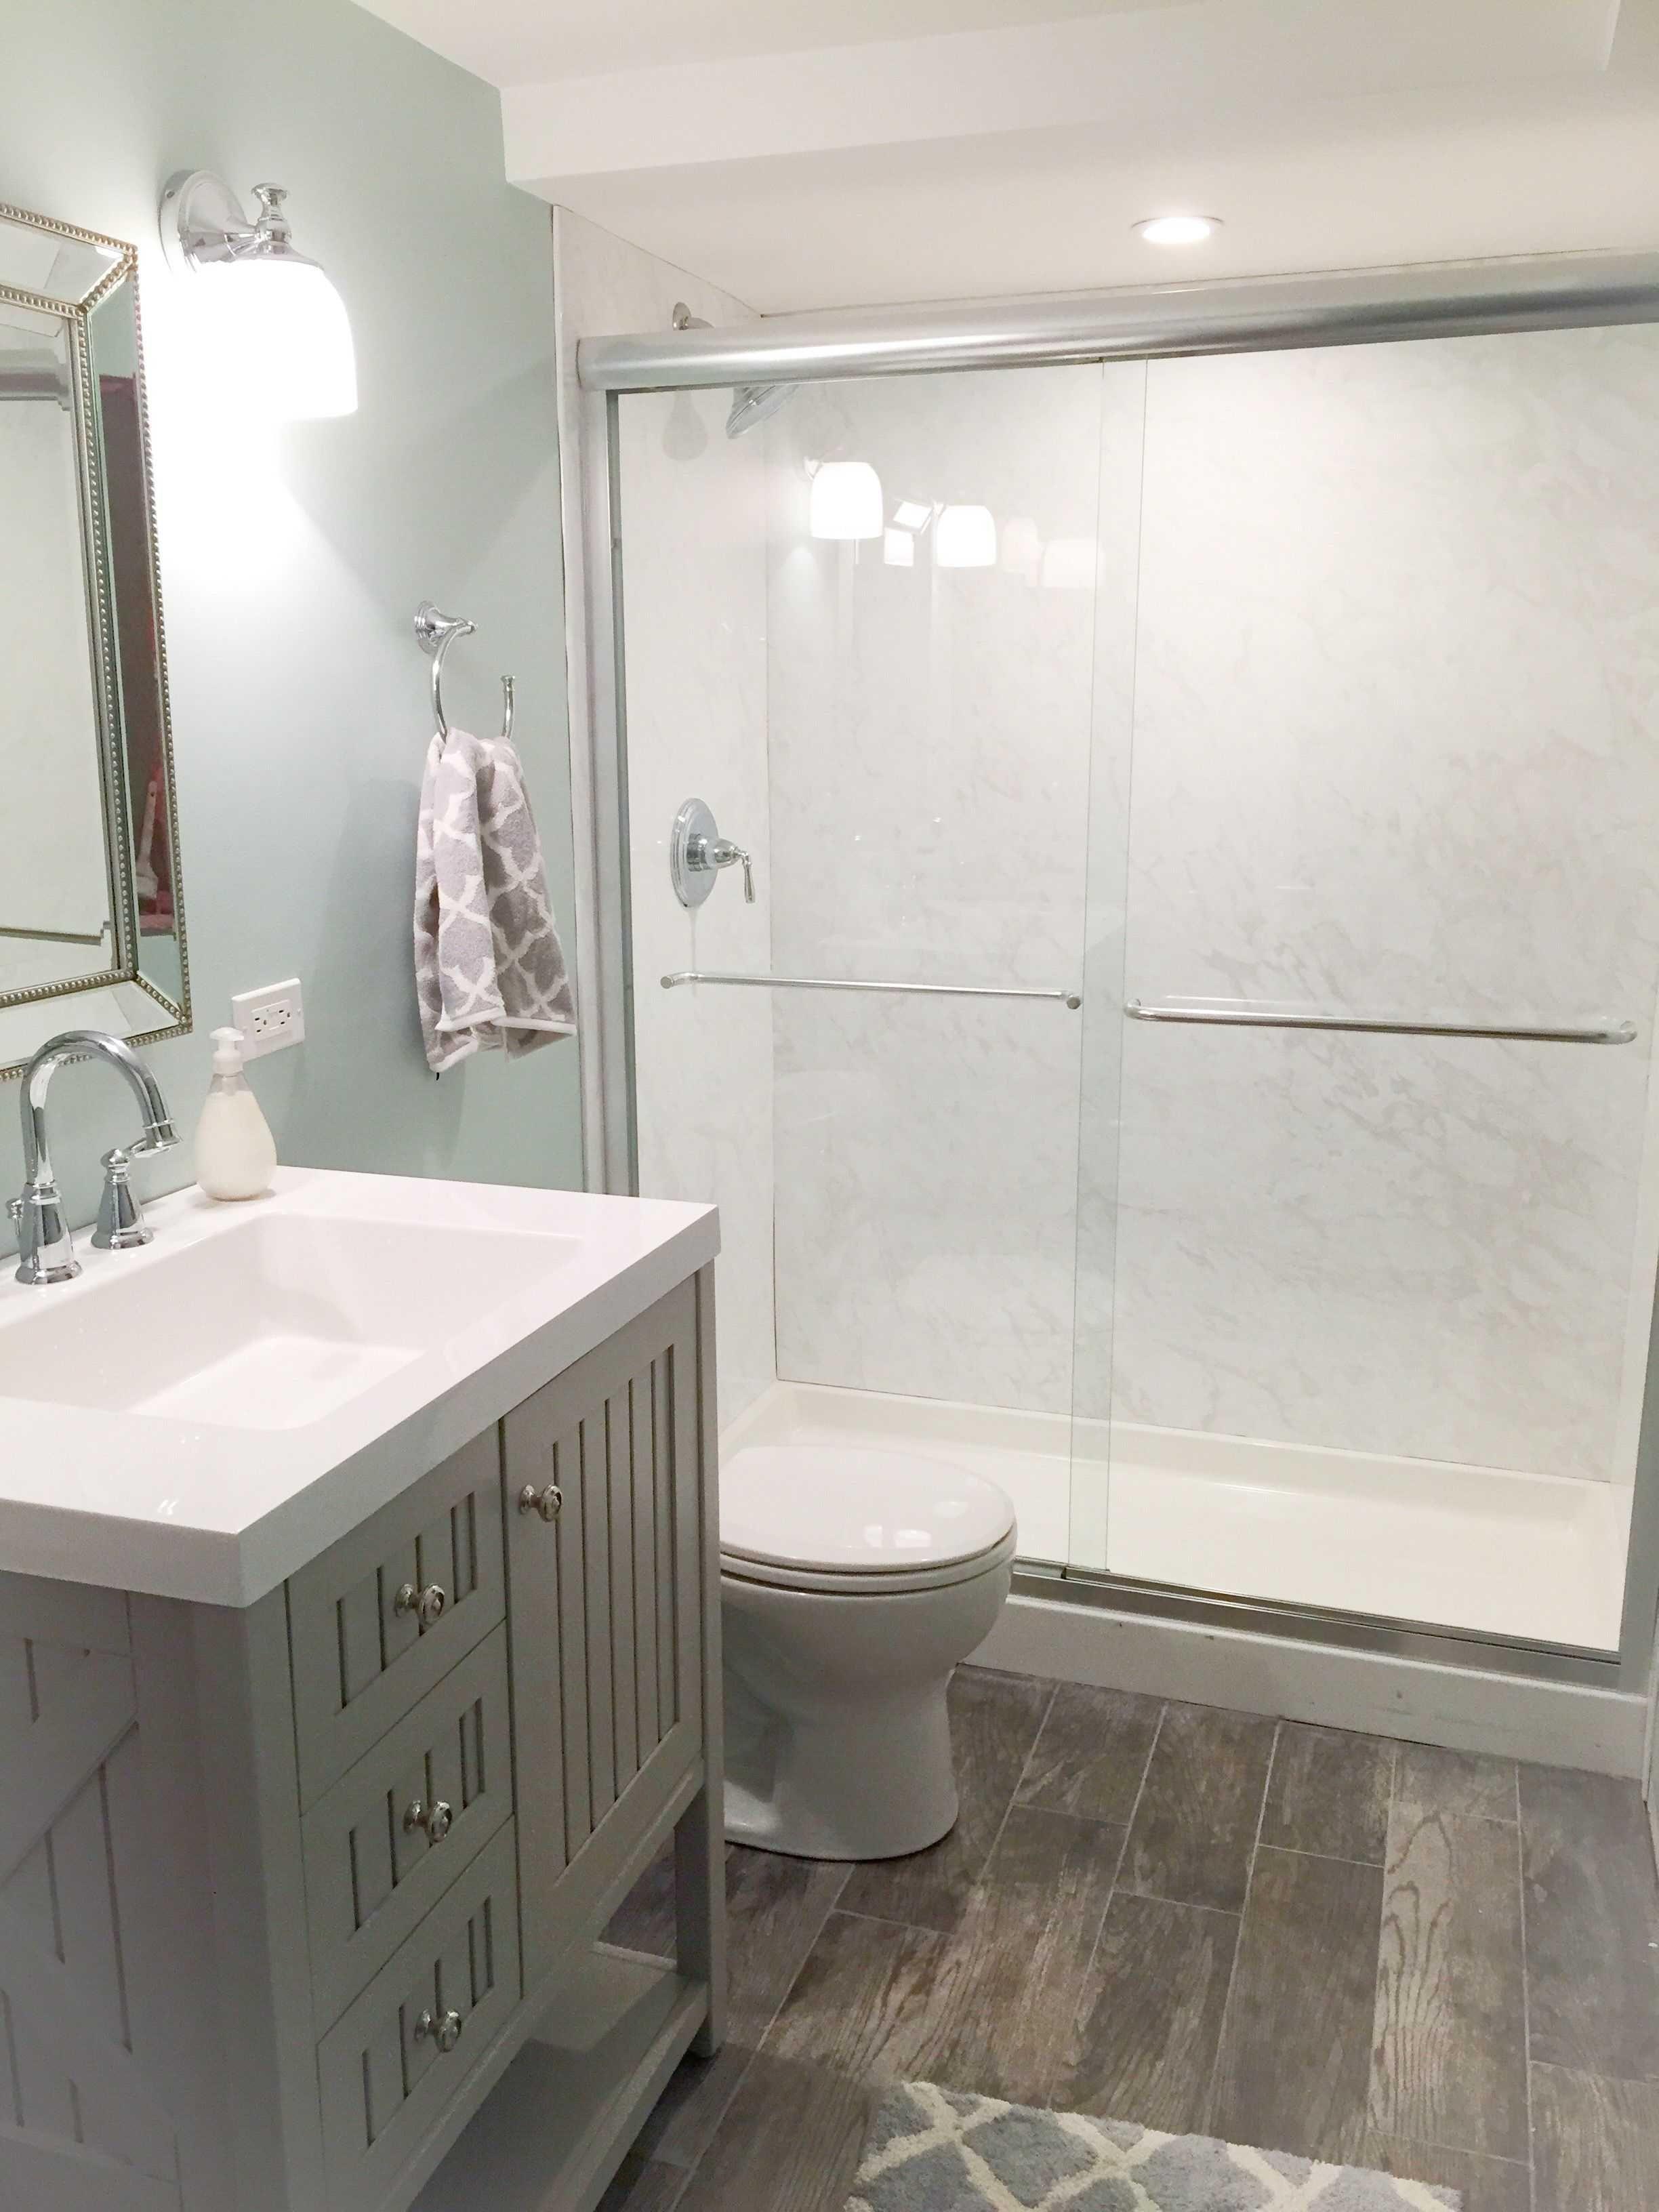 Basement Bathroom Ideas On Budget Lovely Basement Bathroom Ideas On Budget Basement Bathroom Ideas On Basement Bathroom Small Bathroom Small Space Bathroom